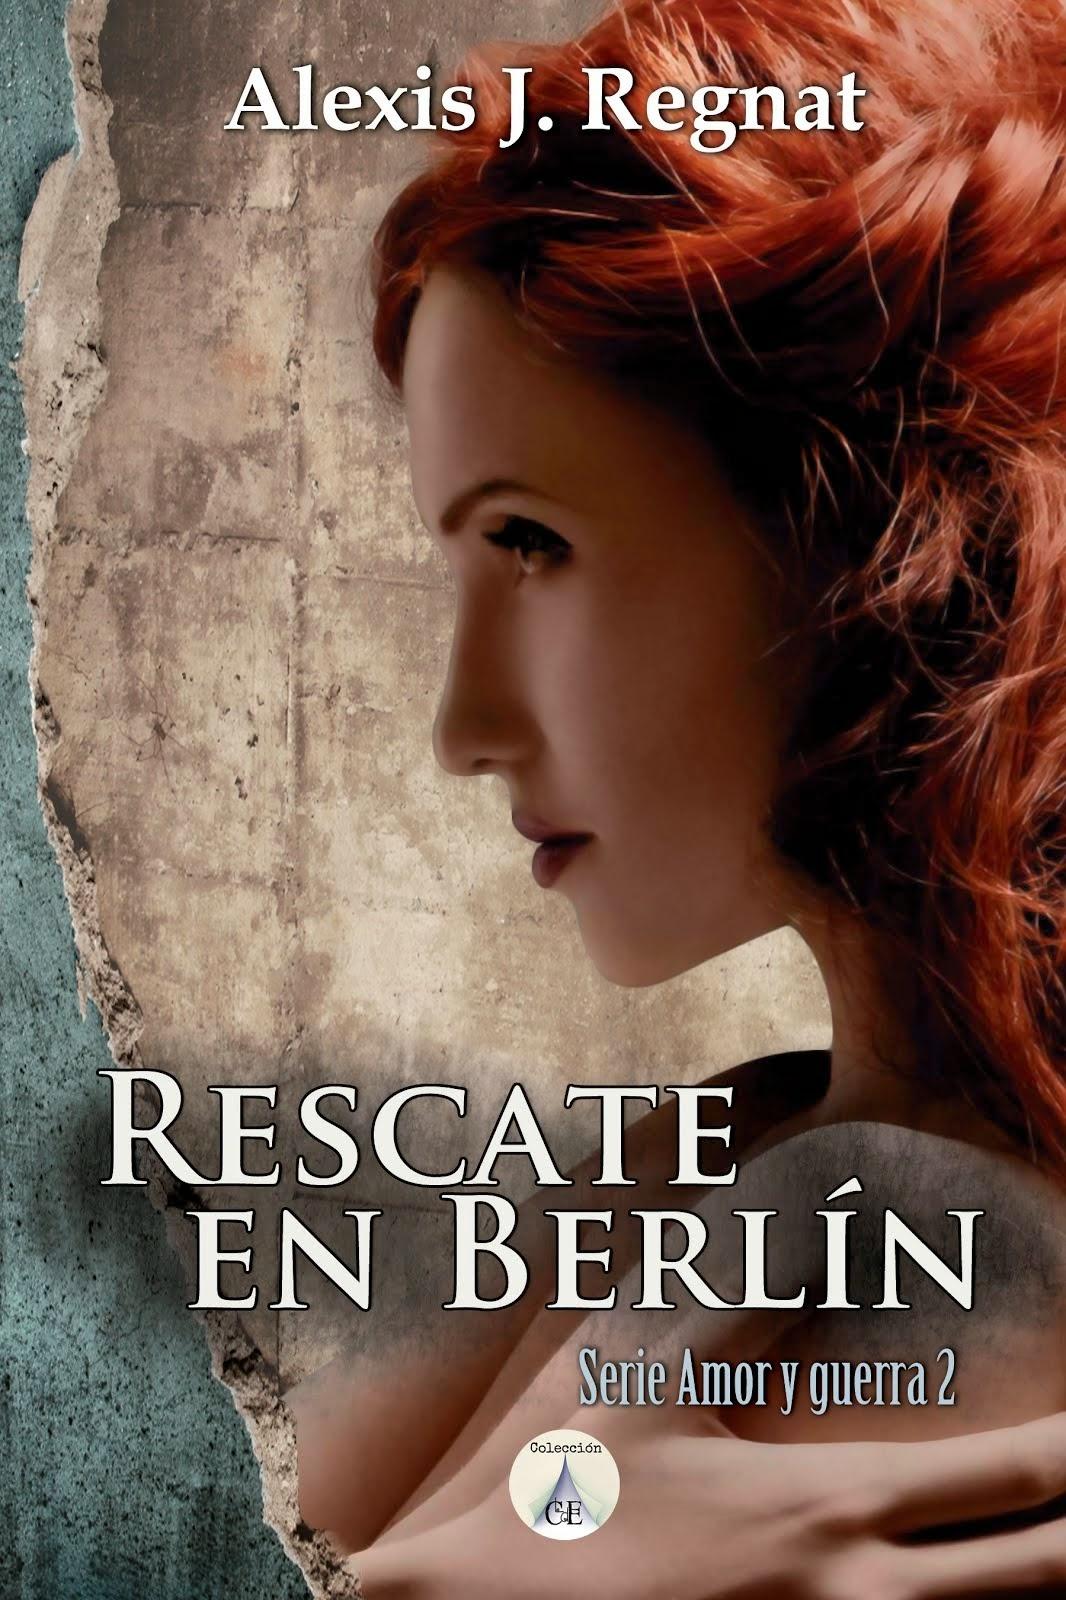 Rescate en Berlín